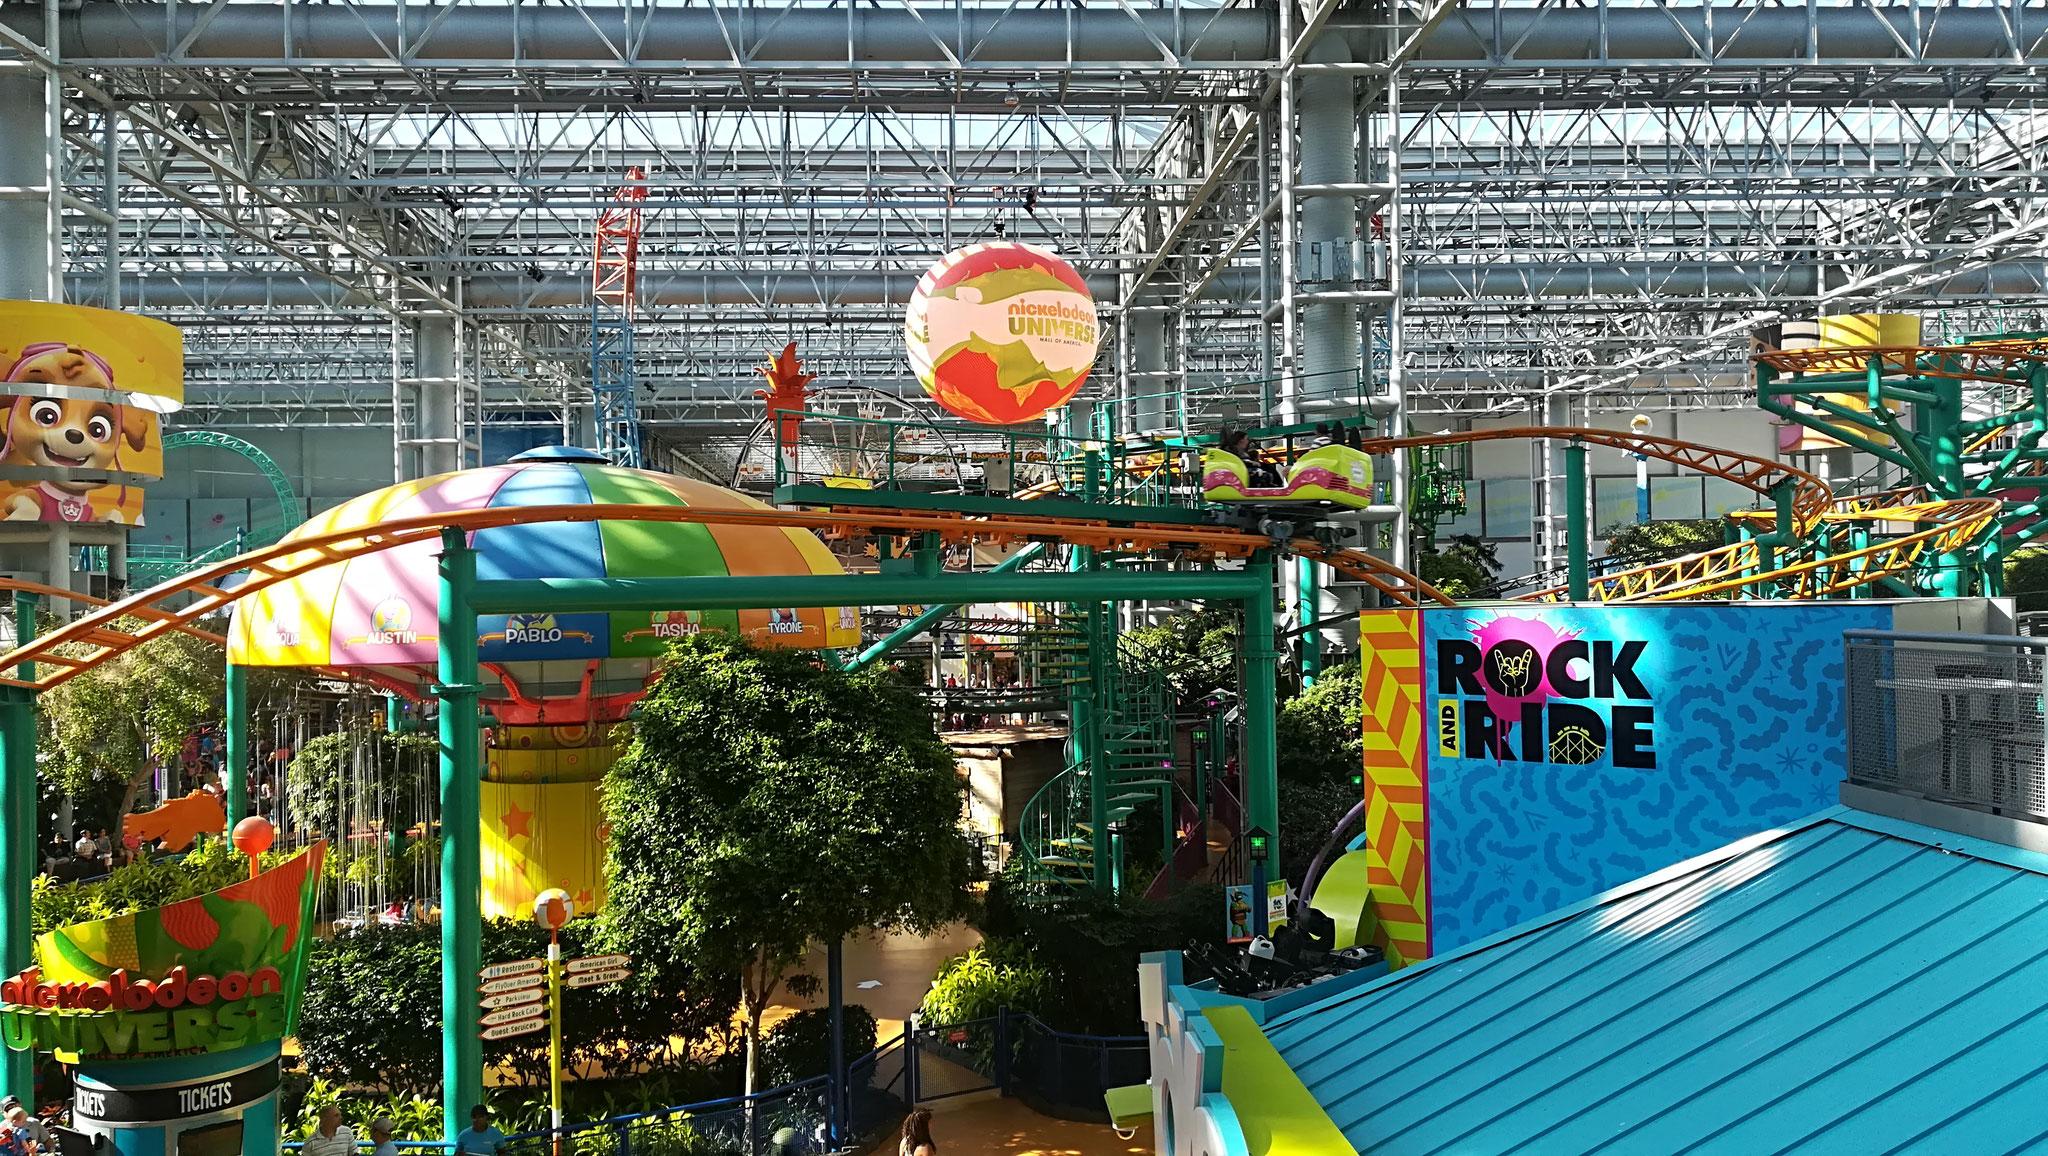 ディズニーランドより集客人数が多いといわれる、全天候型巨大ショッピングモールには、屋内にもかかわらずジェットコースターを含む巨大遊園地がある(ミネソタ州)